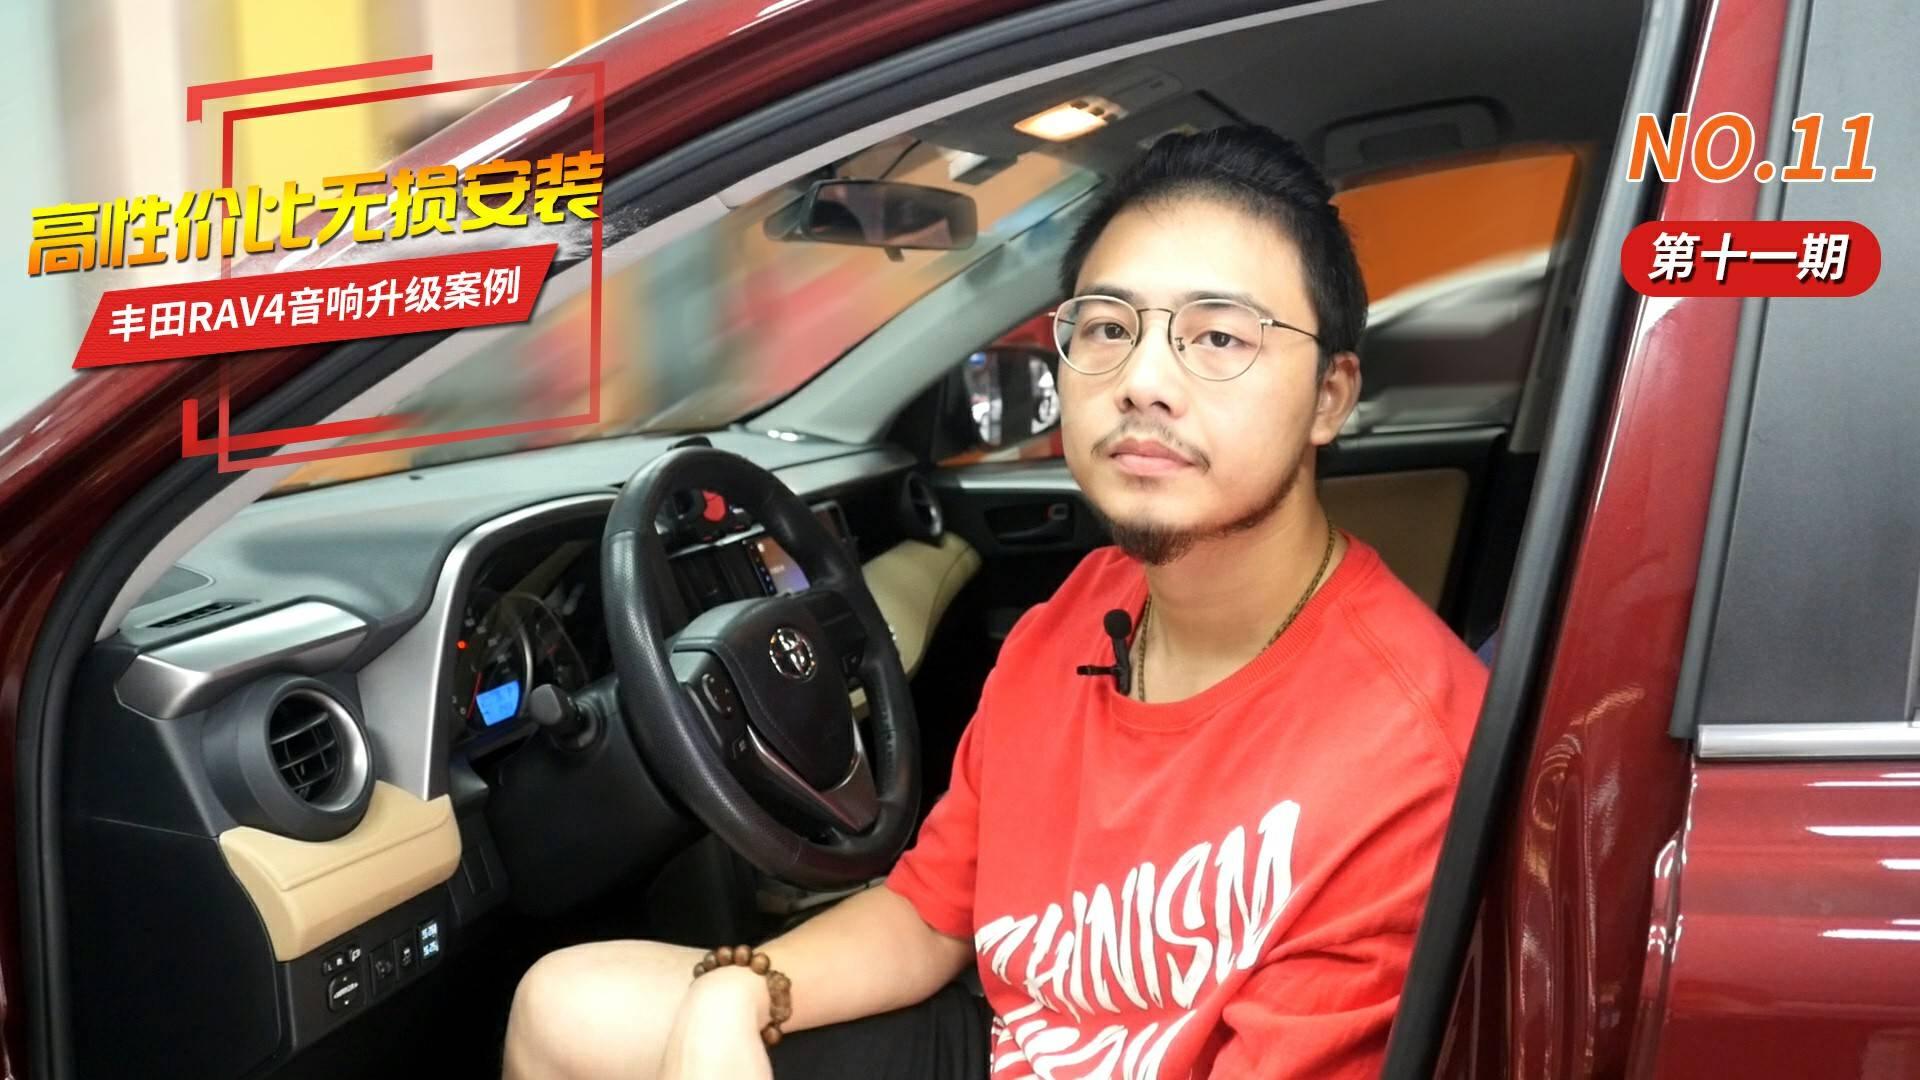 丰田RAV4车主出难题 既要花费少又要效果好?